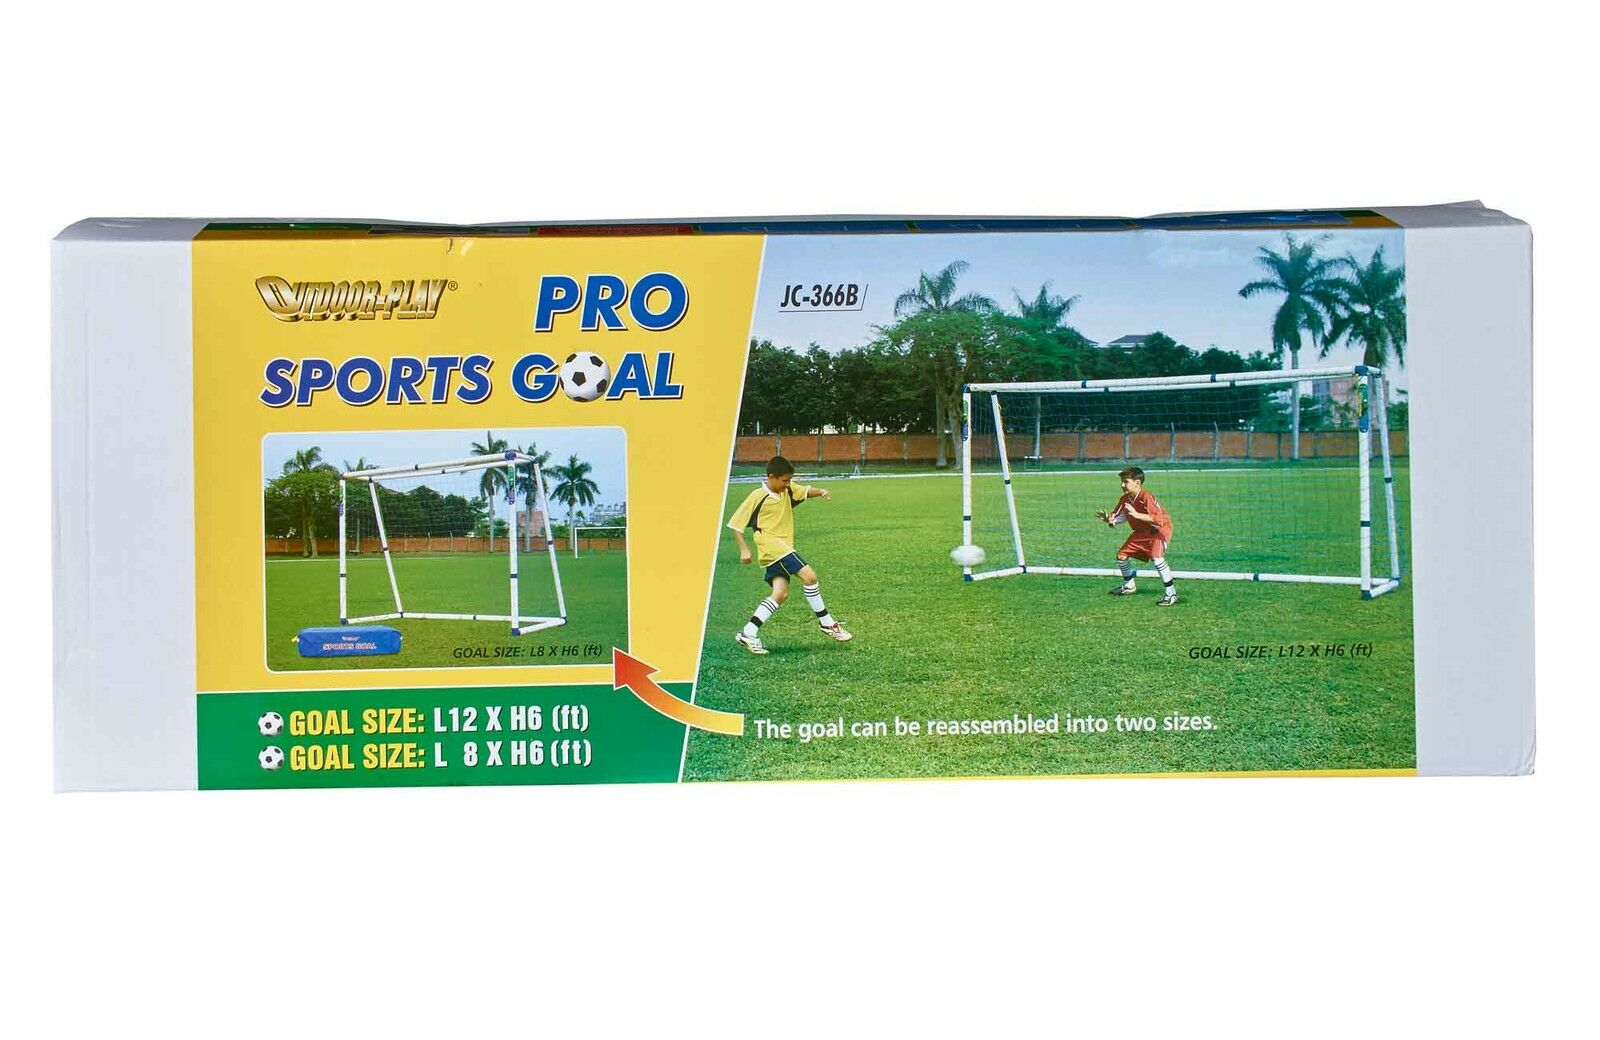 Fußballtor; Fußball Tor, verstellbar in zwei Größen  3,6x1,8m + 2,43x1,8m